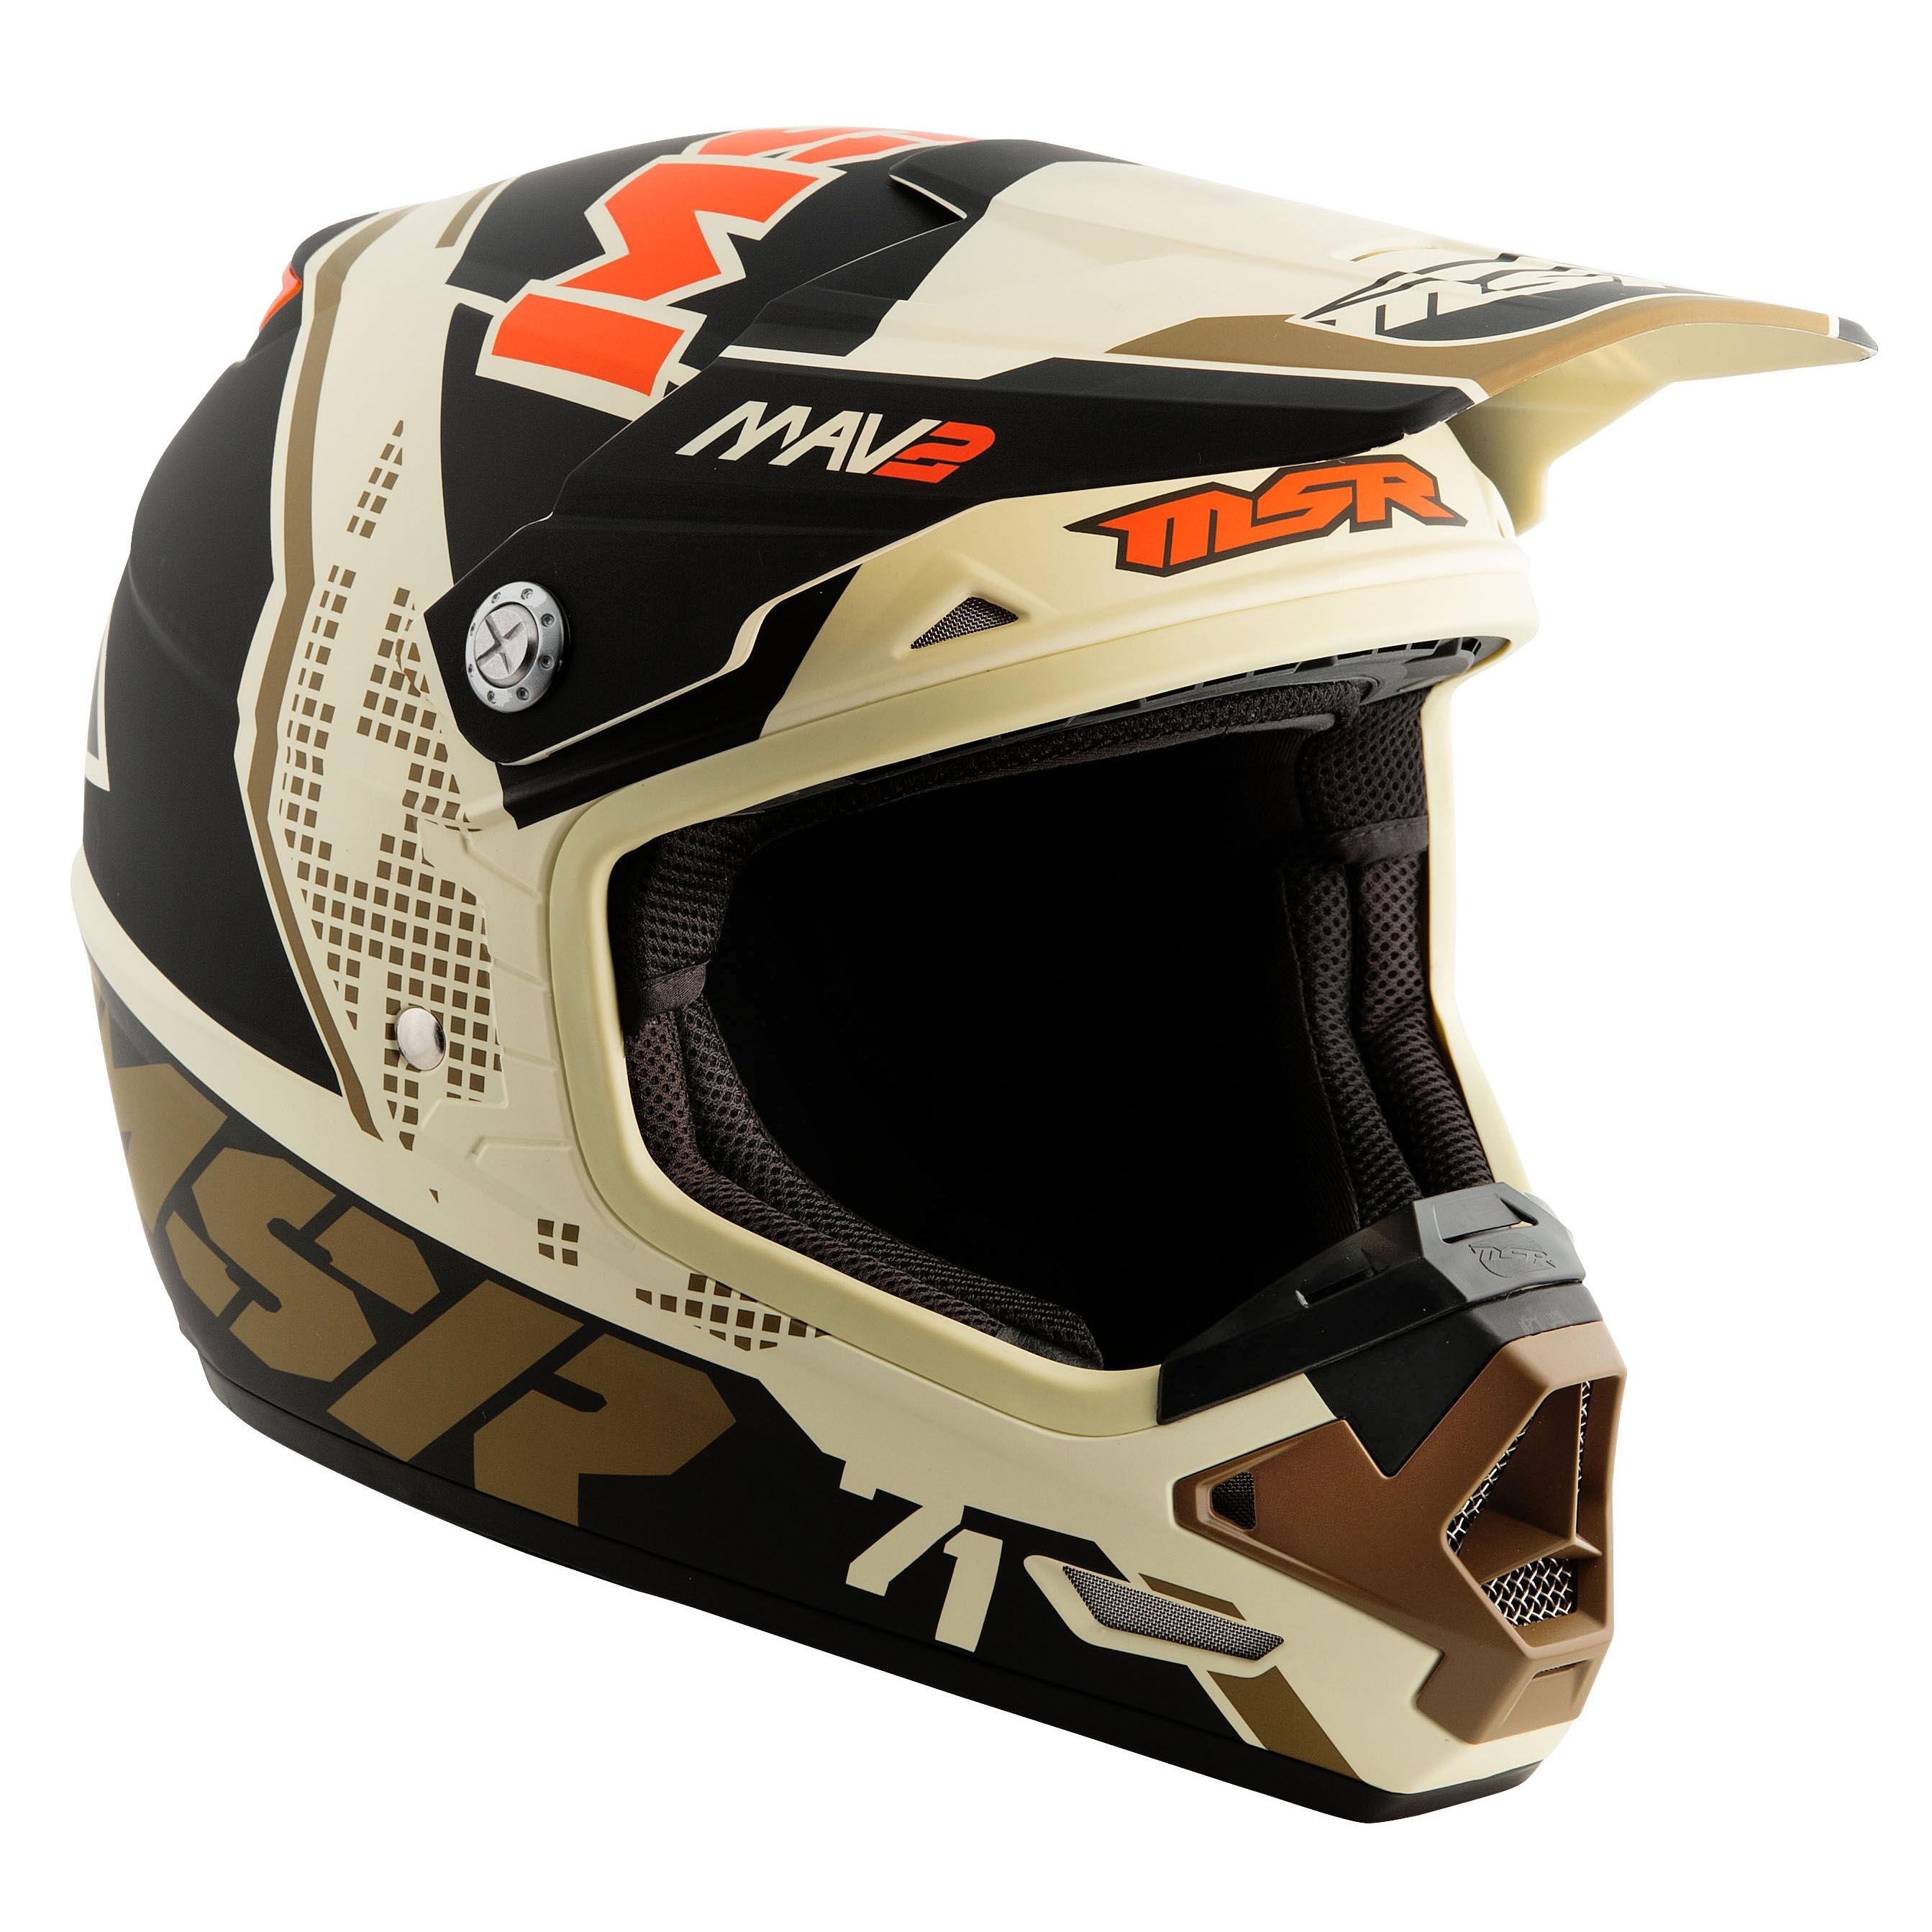 M15 Mav 2 Blokpass Helmet